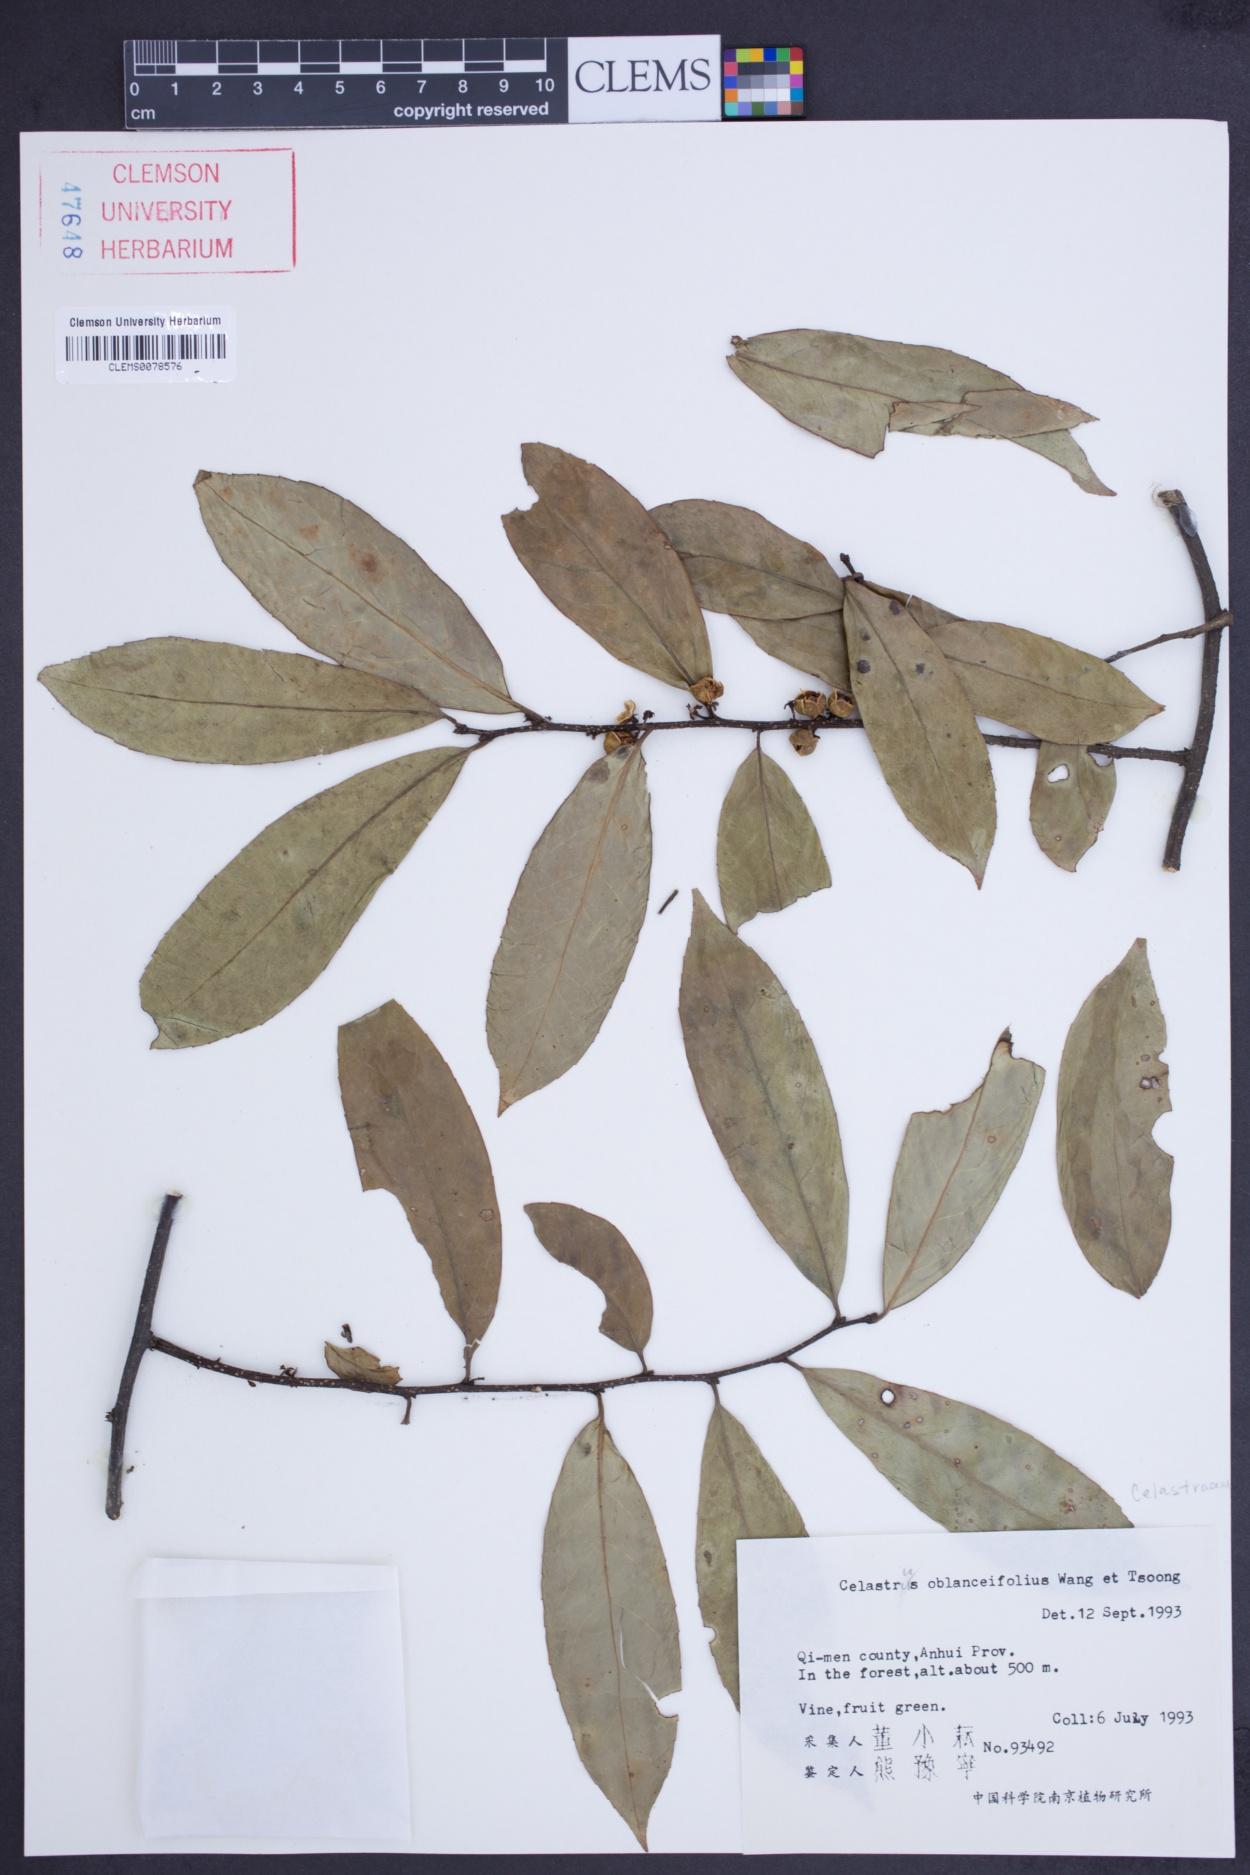 Celastrus oblanceifolius image